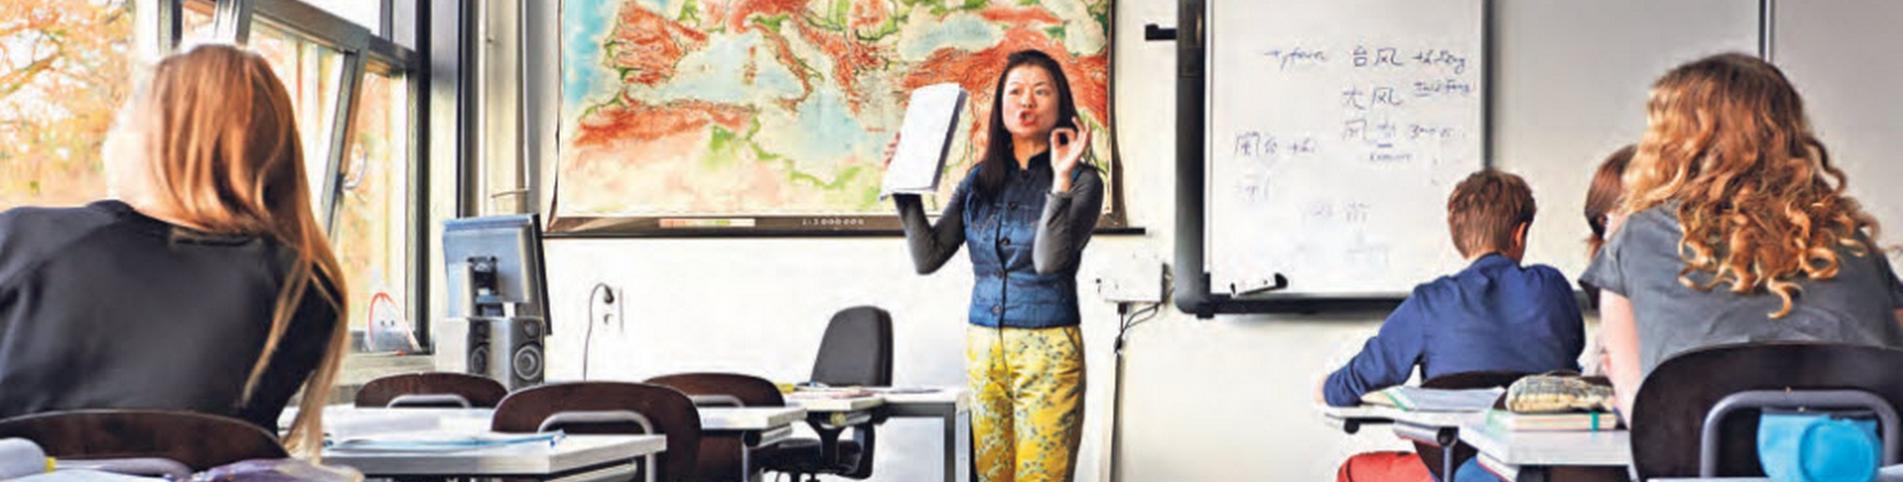 Chinese taal leren les lessen cursus chinees Het Gooi Baarn Eemnes Laren Blaricum Amersfoort